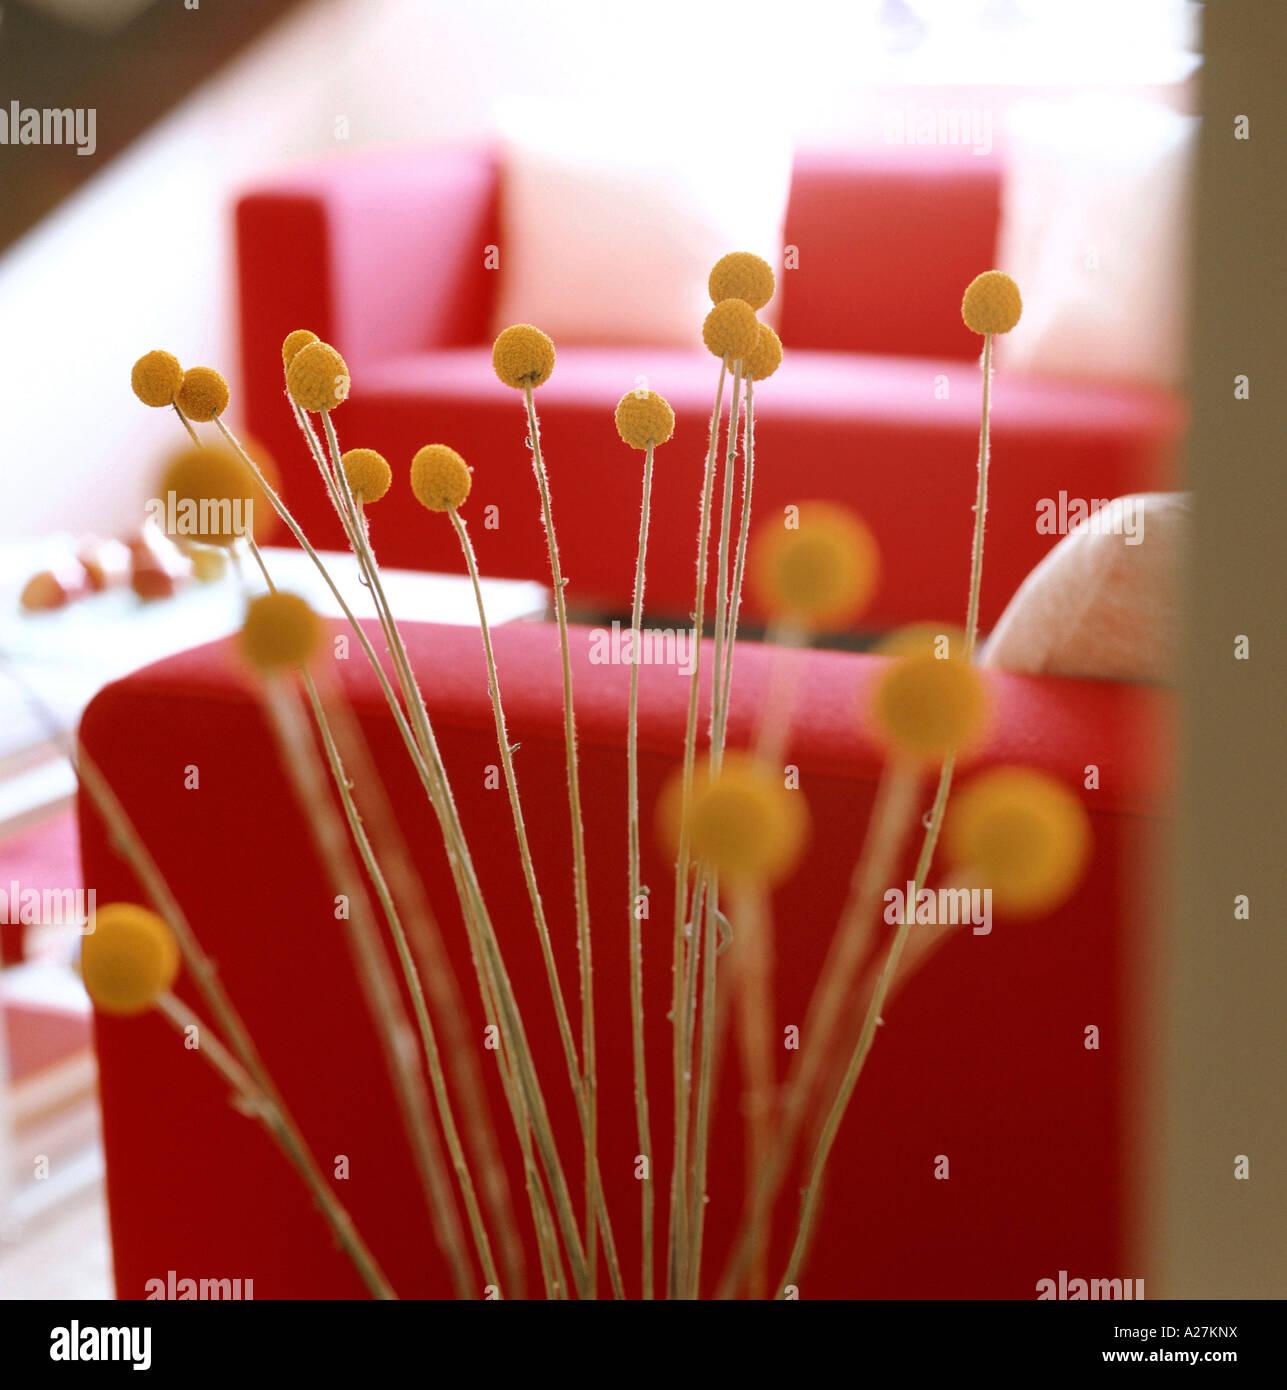 Detalle de la planta seca jefes en interior con sofás rojos Imagen De Stock